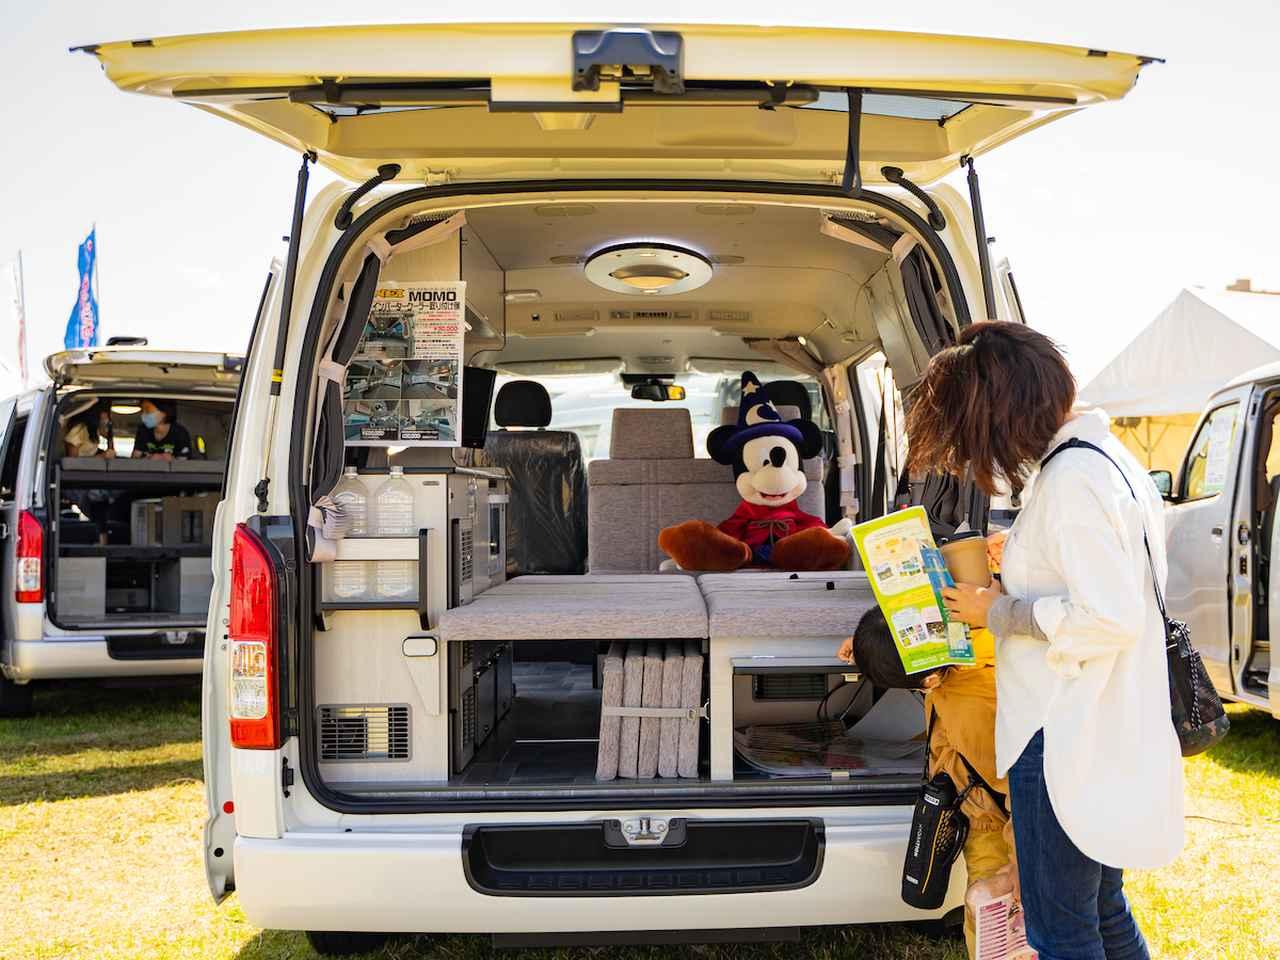 画像: ベットキットの収納スペースが就寝時の荷物置き場になります。 R I N E Iプロダクト:MoMoシリーズ